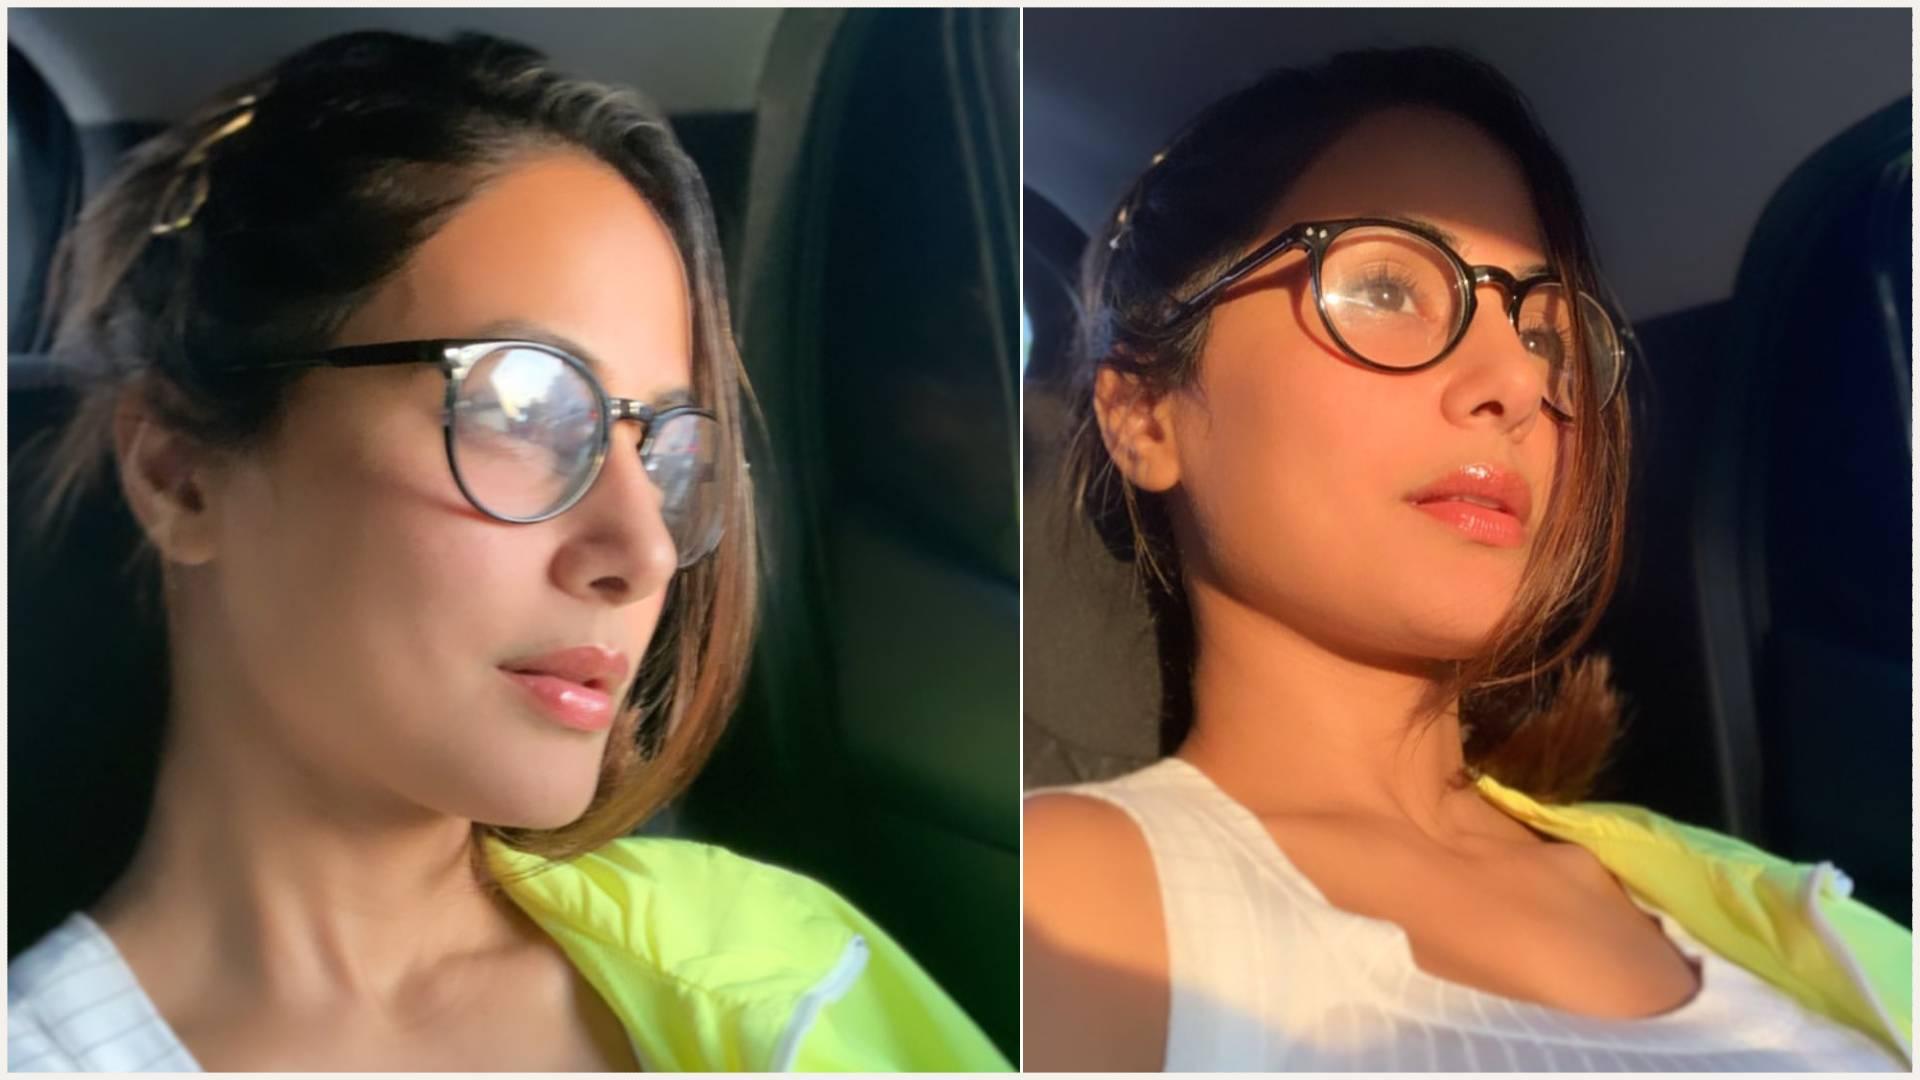 हिना खान ने सुबह की पहली सेल्फी के साथ की अपने दिन की शुरुआत, जरा इन तस्वीरों में देखिए एक्ट्रेस का लुक